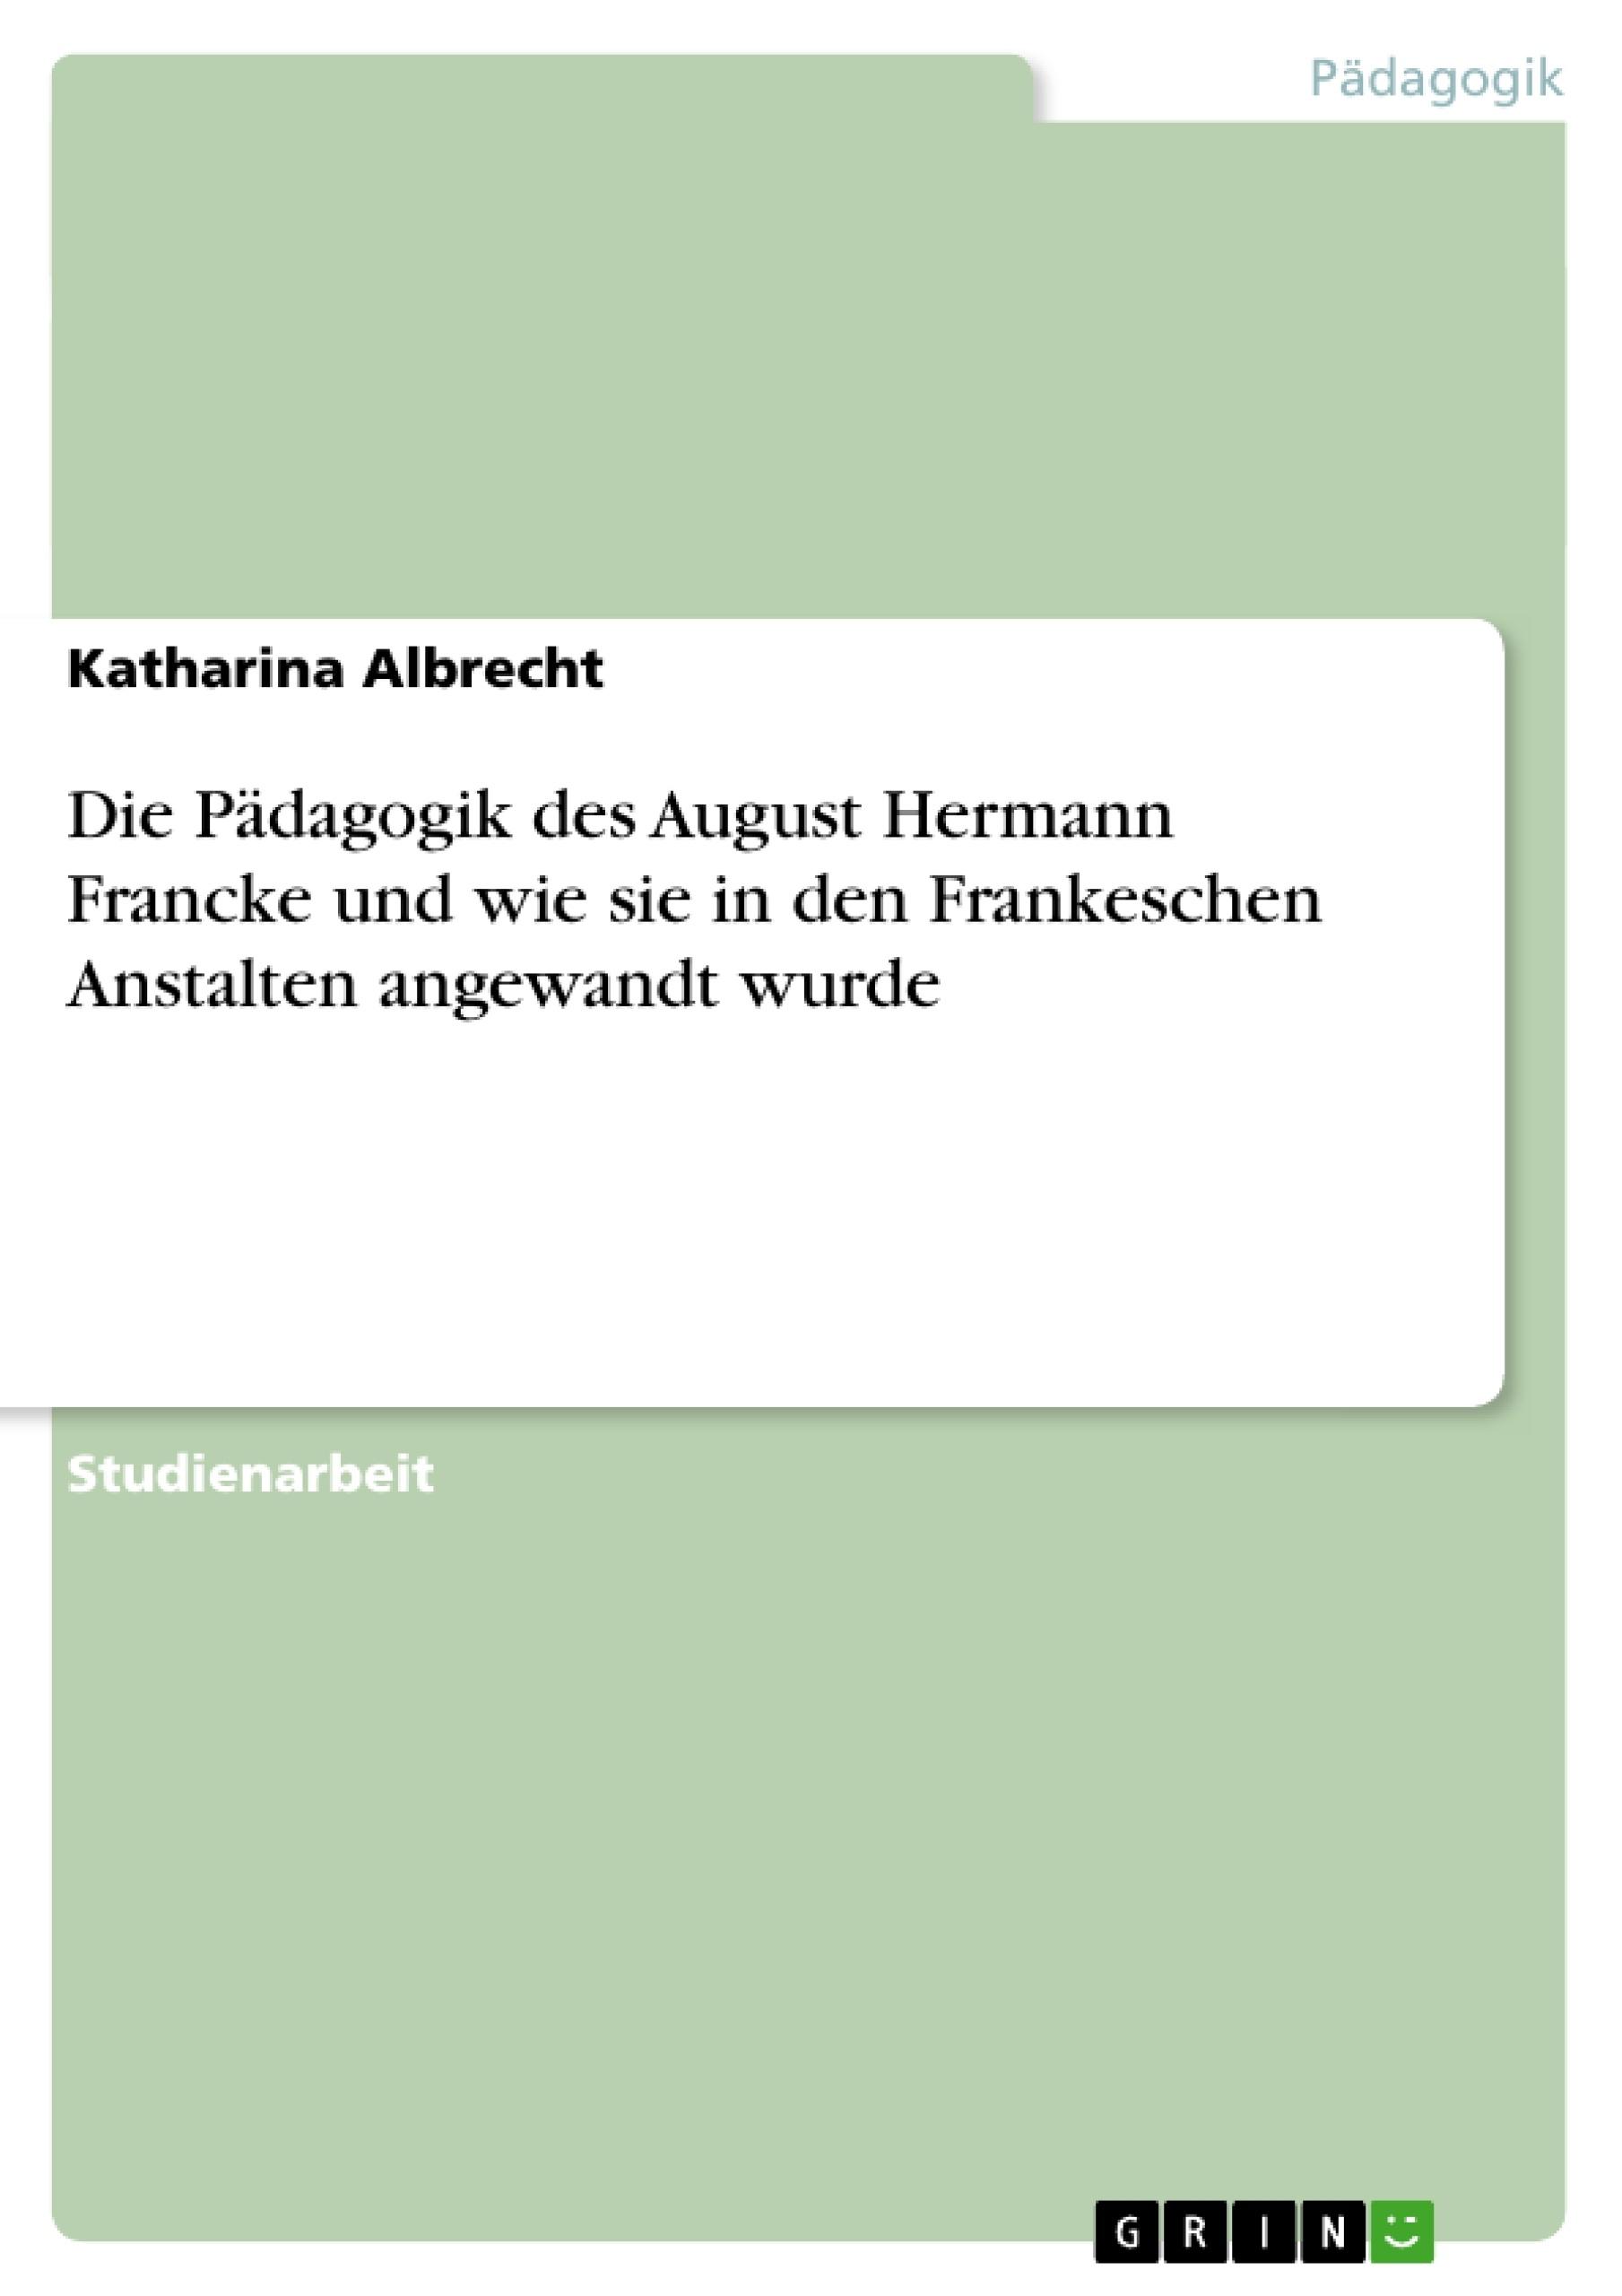 Die Pädagogik Des August Hermann Francke Und Wie Sie In Den